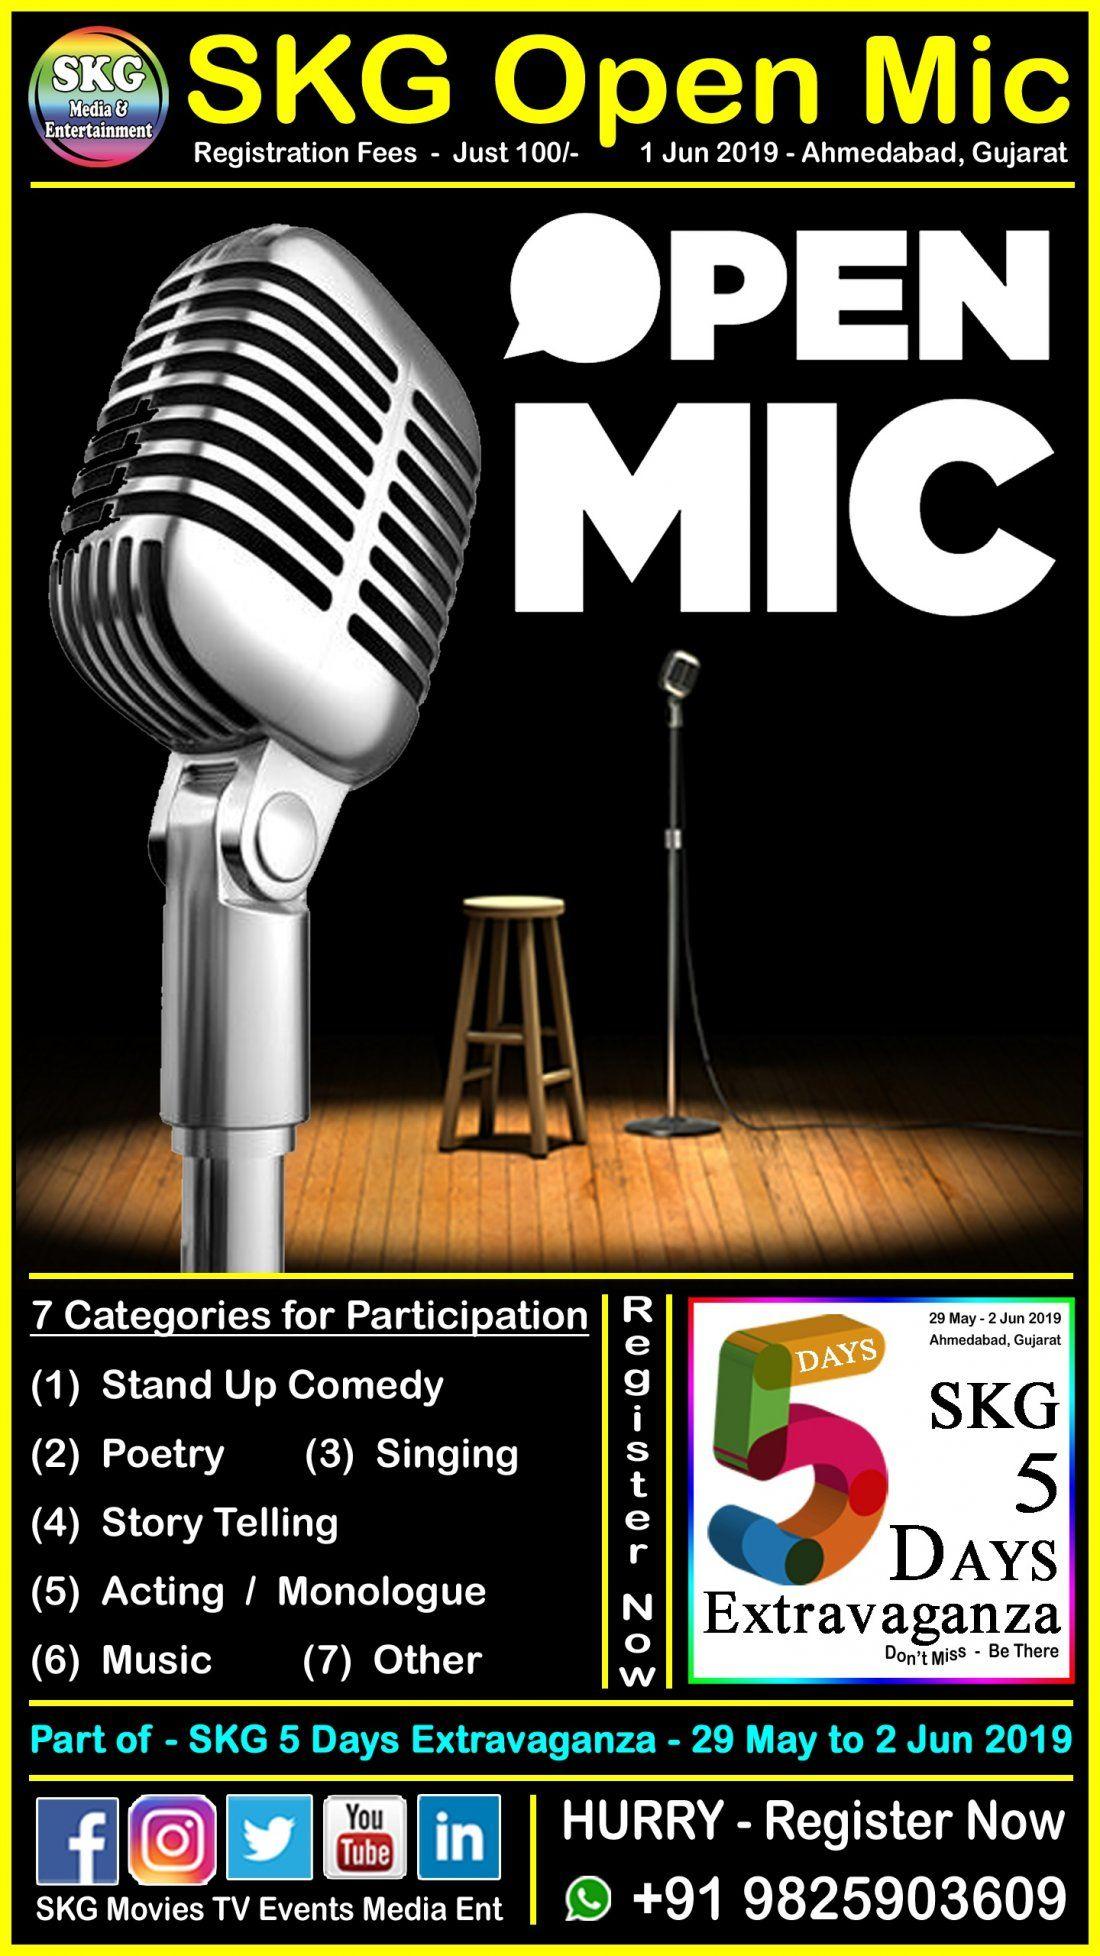 SKG Open Mic - Part of SKG 5 Days Extravaganza